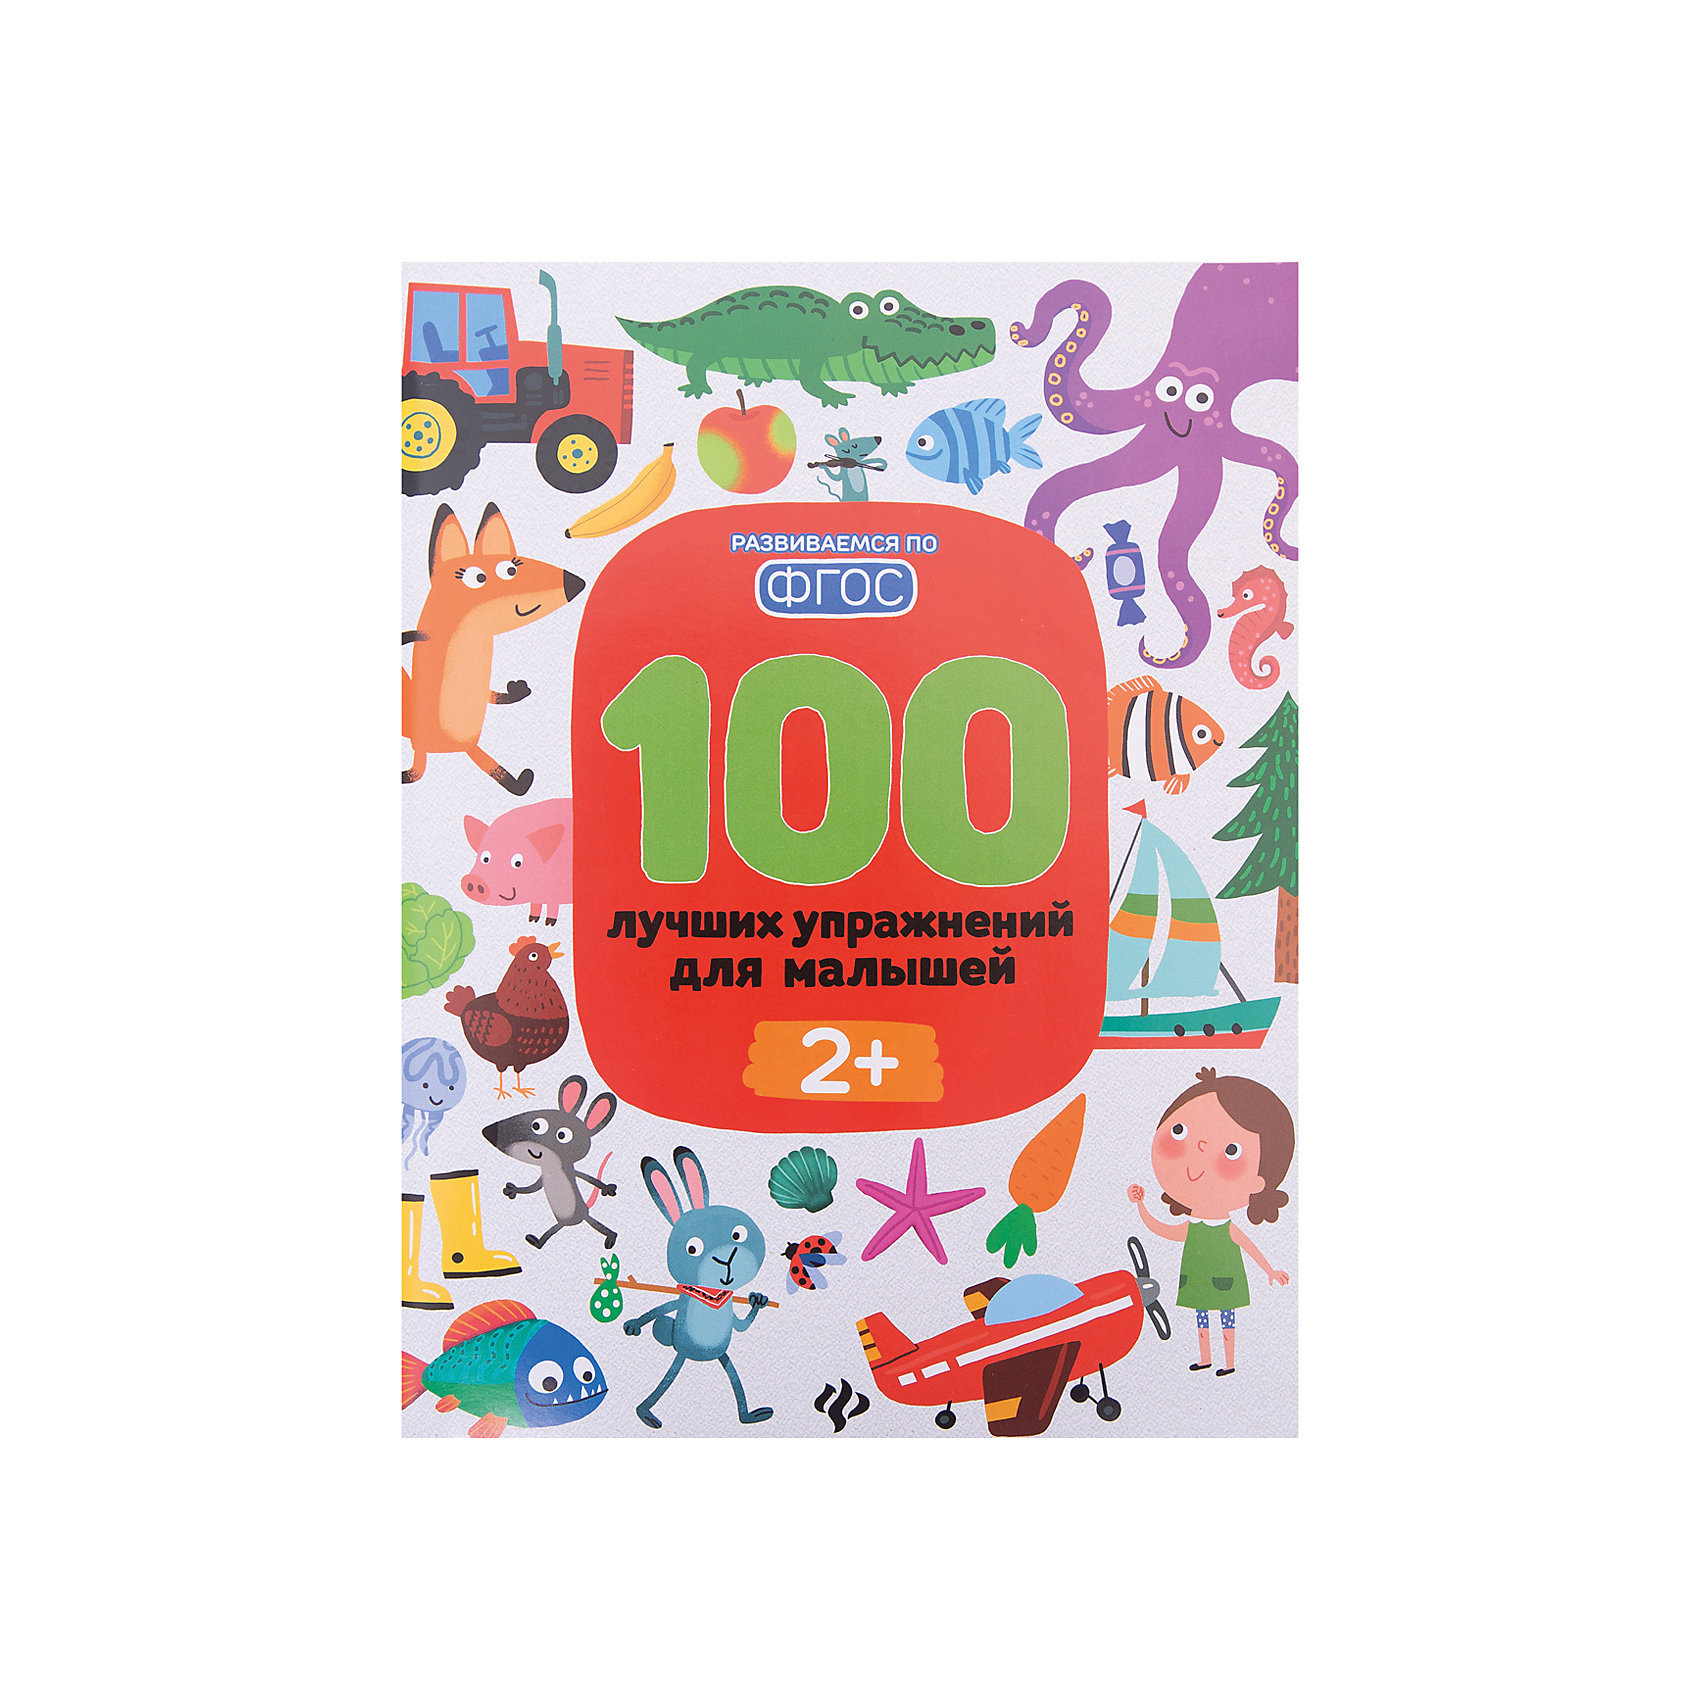 Книга 100 лучших упражнений для малышей, от 2х летКнига 100 лучших упражнений для малышей, от 2х лет<br><br>Характеристики: <br><br>• Кол-во страниц: 64<br>• ISBN: 9785222271636<br>• Возраст: от 2 лет<br>• Обложка: мягкая<br>• Формат: а4<br><br>В этой замечательной книге содержатся самые разнообразные веселые игры и задания, для развития вашего малыша! Все задания подобраны последовательно и дополняют друг друга, чтобы обеспечить комплексный подход к развитию вашего ребенка. В создании книги принимали участие опытные специалисты в области психологии, педагогики, логопедии и нейропсихологии. Всего в книге 100 заданий, которые вы сможете сделать вместе с малышом, помогая ему в развитии его познавательной активности.<br><br>Книга 100 лучших упражнений для малышей, от 2х лет можно купить в нашем интернет-магазине.<br><br>Ширина мм: 260<br>Глубина мм: 202<br>Высота мм: 40<br>Вес г: 155<br>Возраст от месяцев: -2147483648<br>Возраст до месяцев: 2147483647<br>Пол: Унисекс<br>Возраст: Детский<br>SKU: 5464475